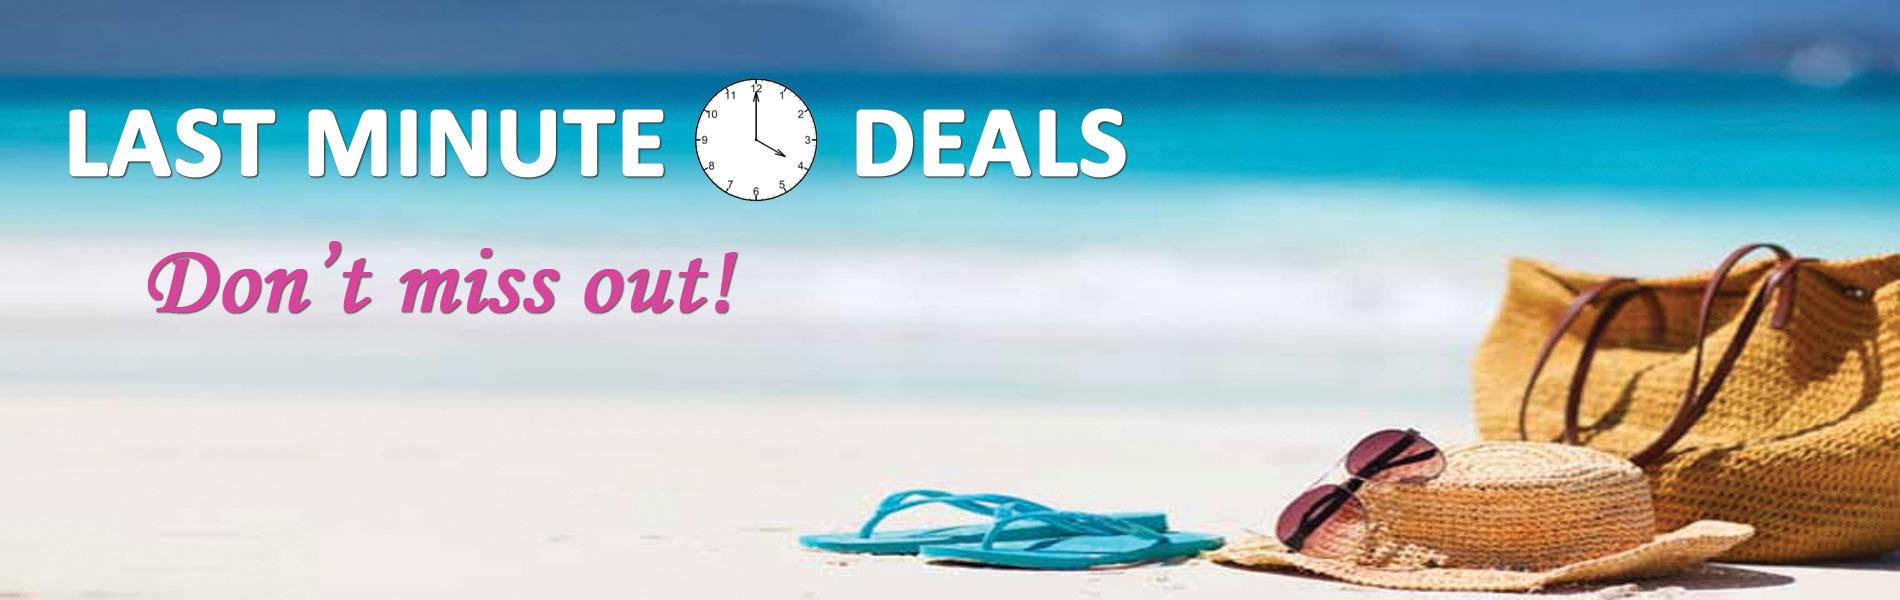 late-deals-banner.jpg-2